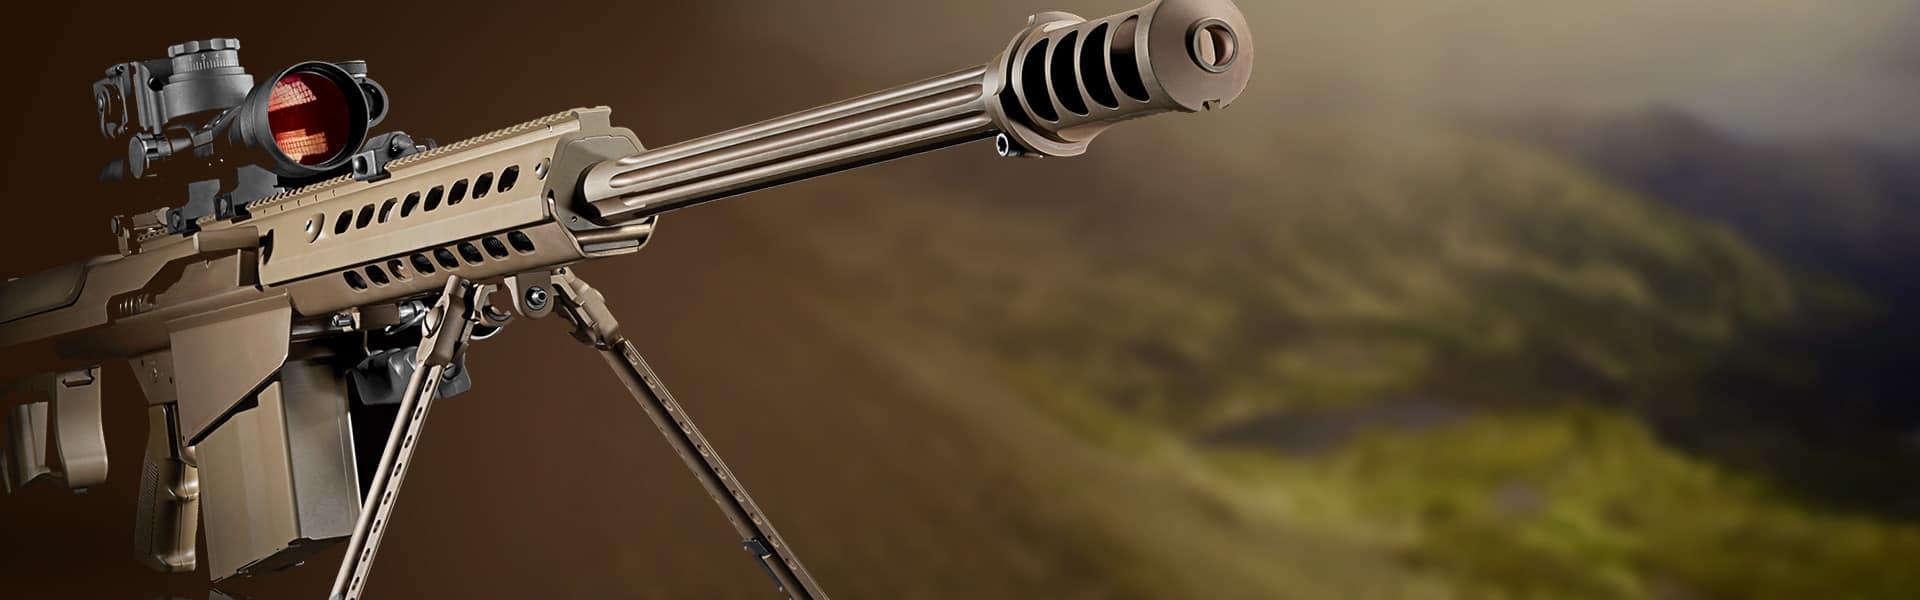 Barrett Rifles   Web Design   Custom Software   Darkstar Digital